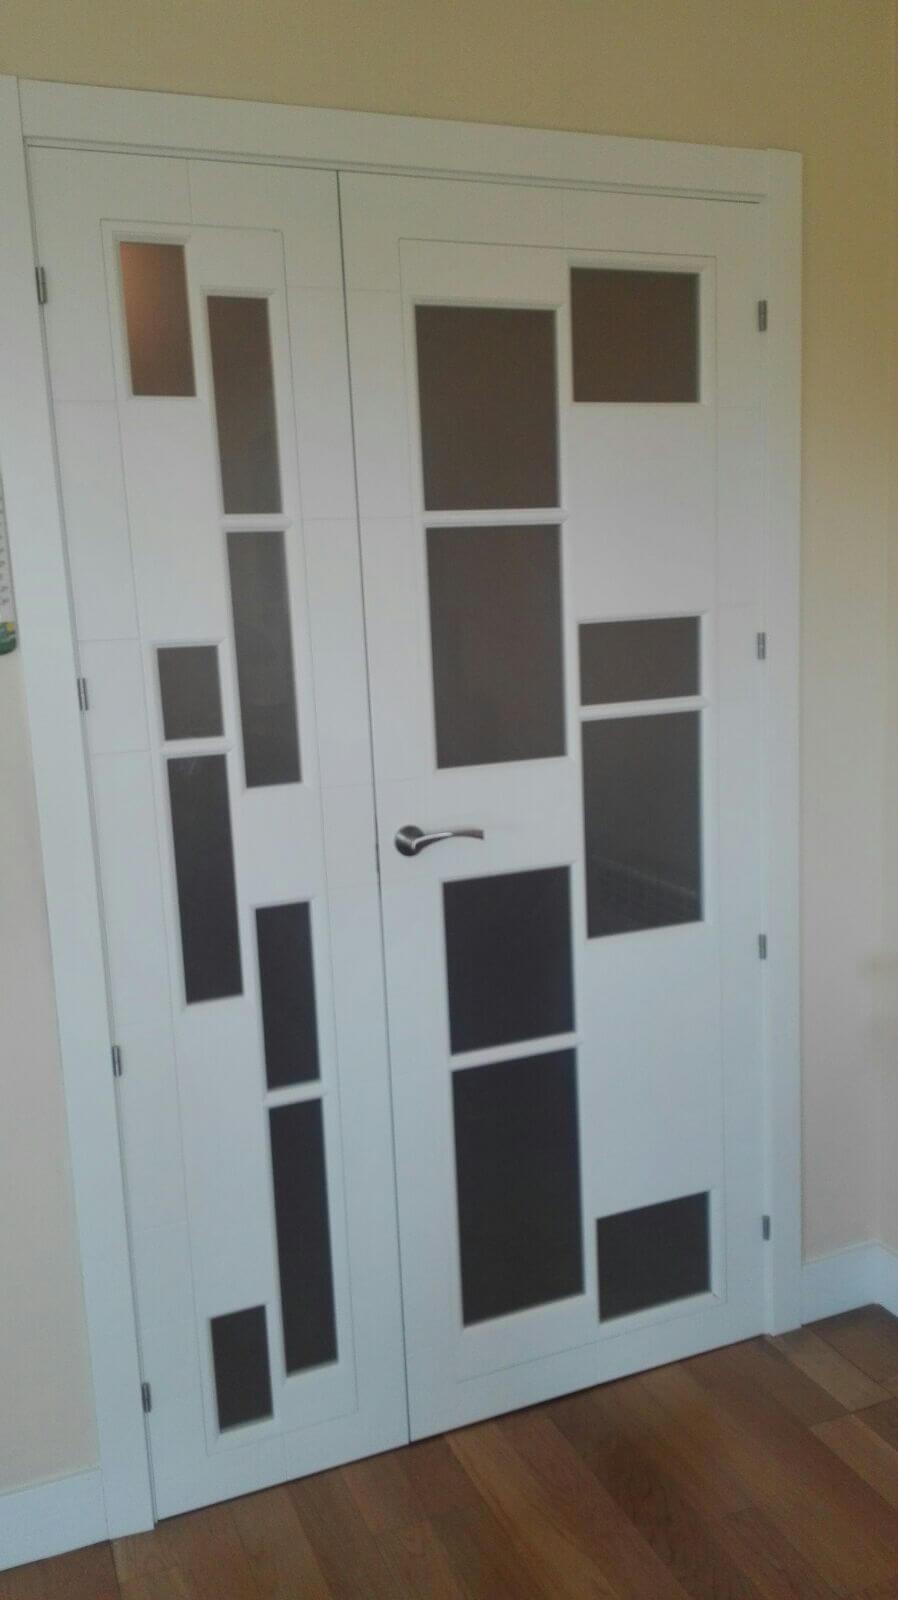 Puertas interior baratas puertas de madera baratas with for Puertas correderas baratas